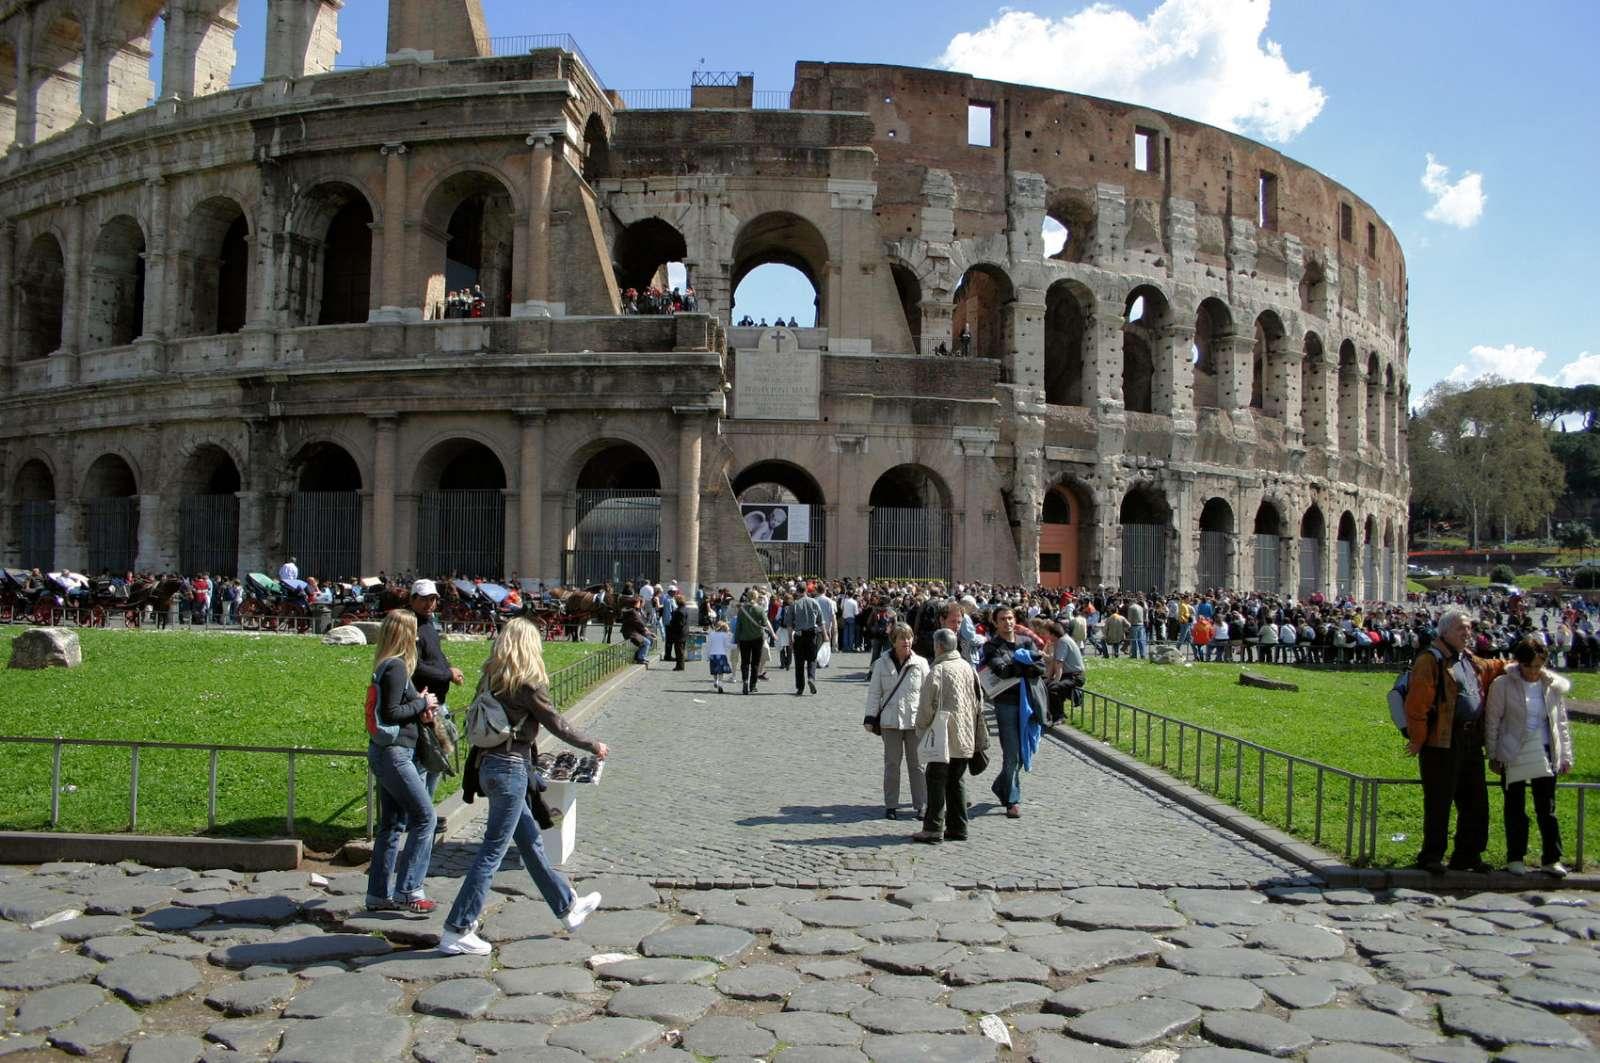 Colosseum i Lazios regionshovedstad Rom